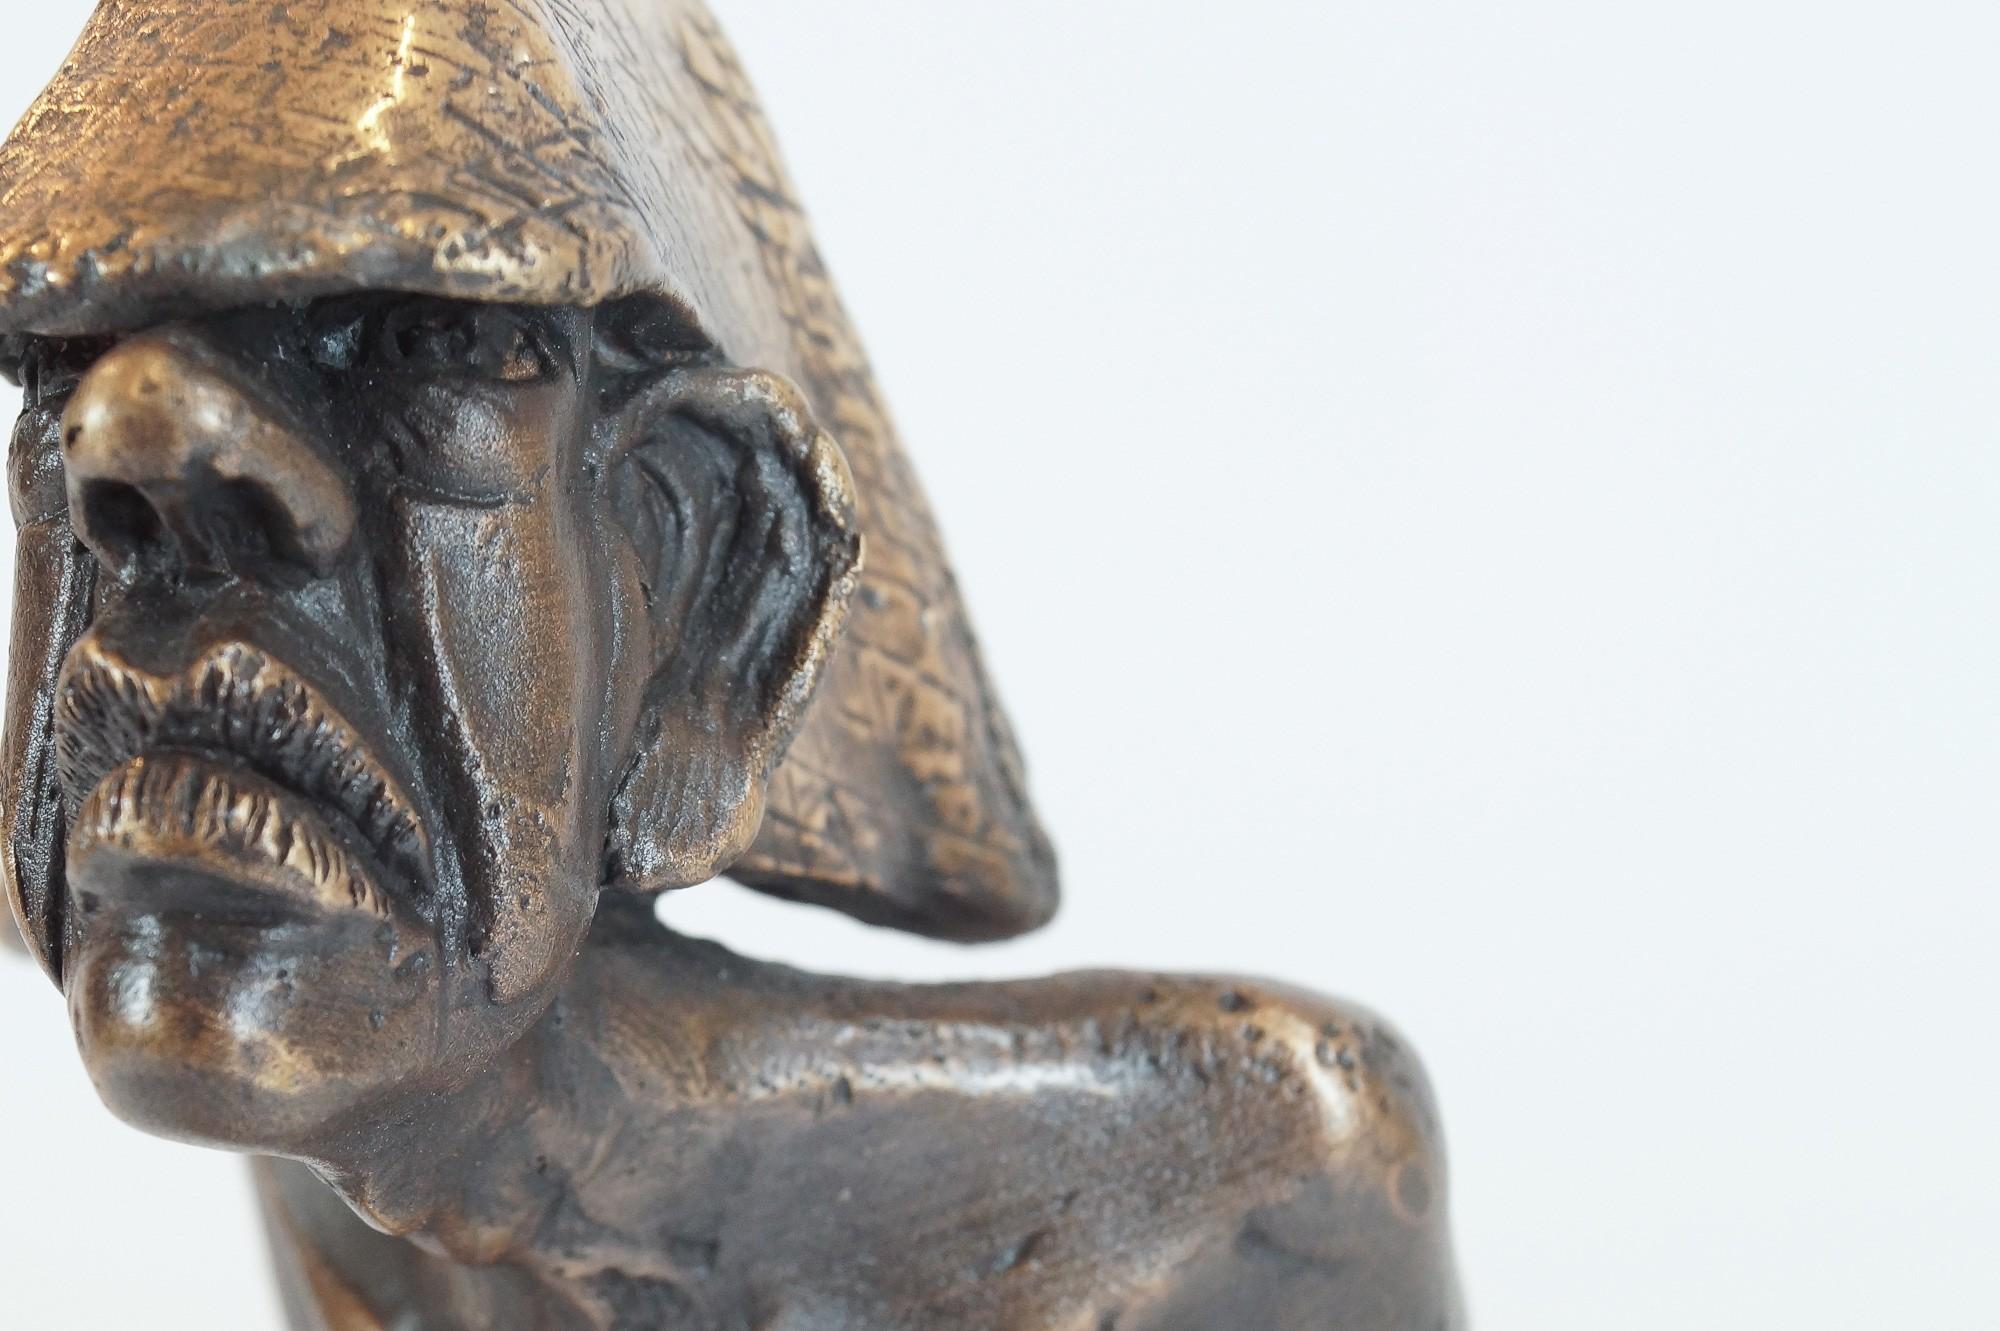 Zeitschläger - Detail, Bronze Plastik, Skulptur von Tim David Trillsam